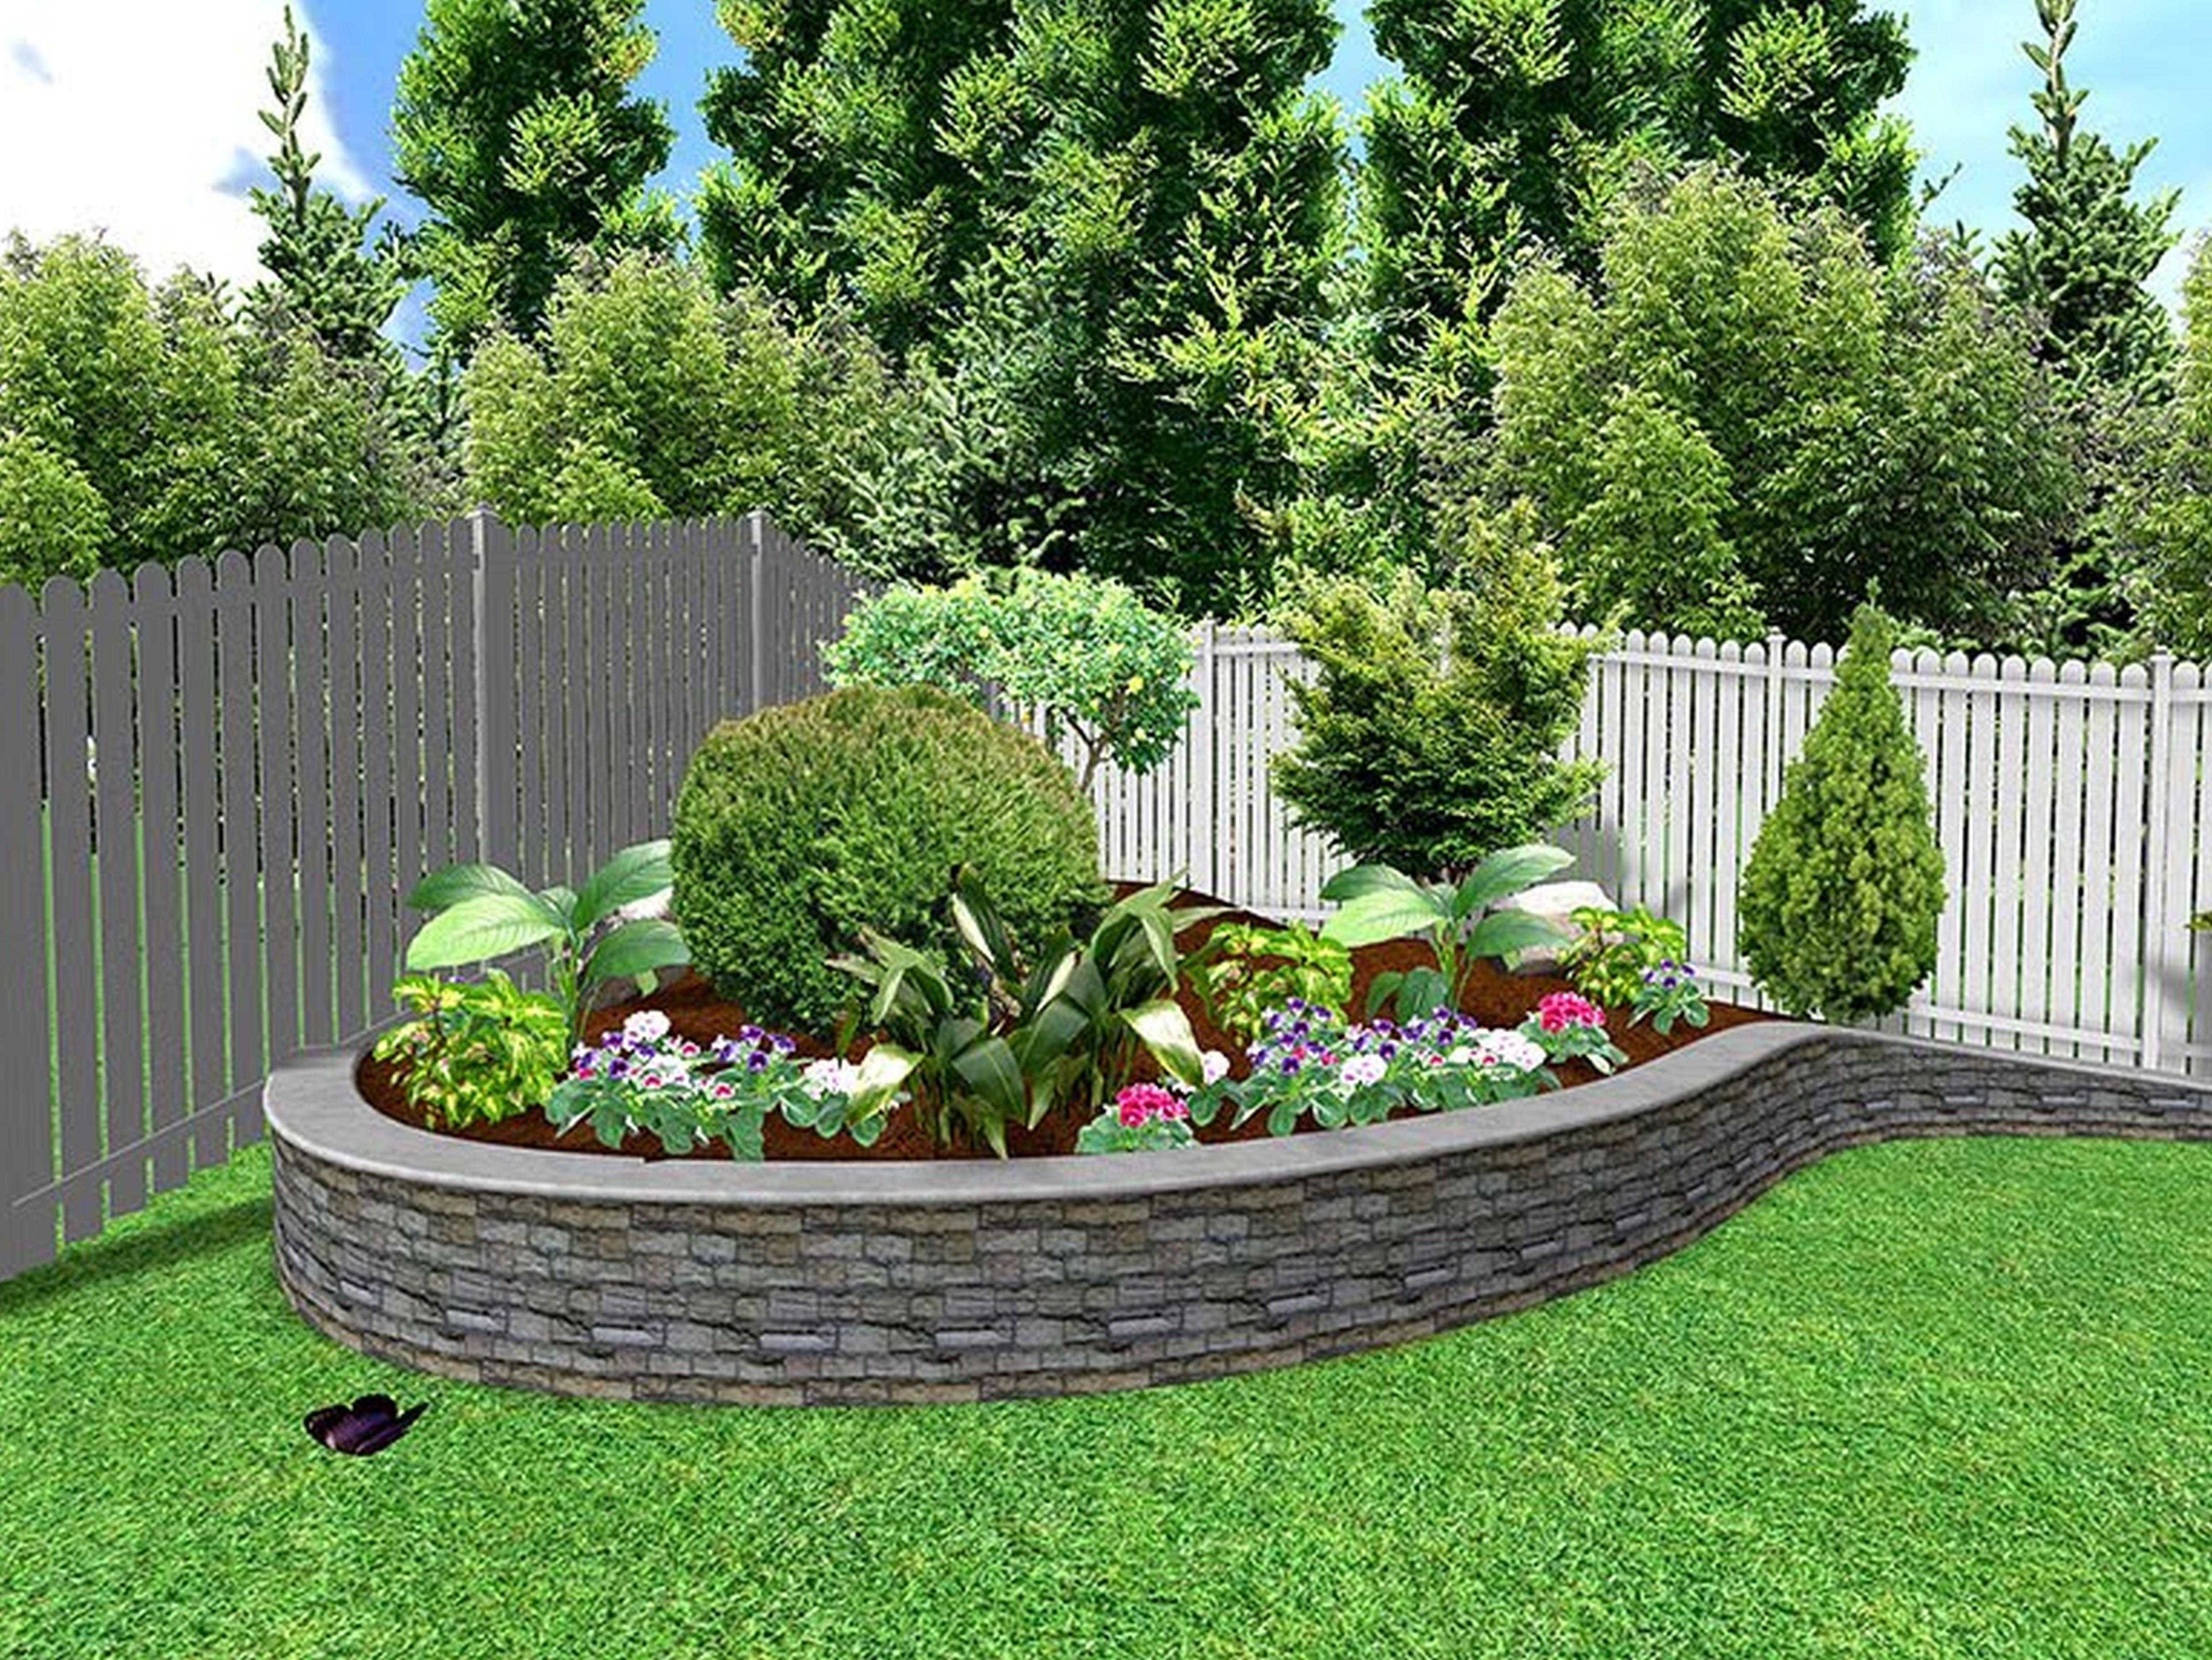 Easy small garden design ideas   Hawk Haven